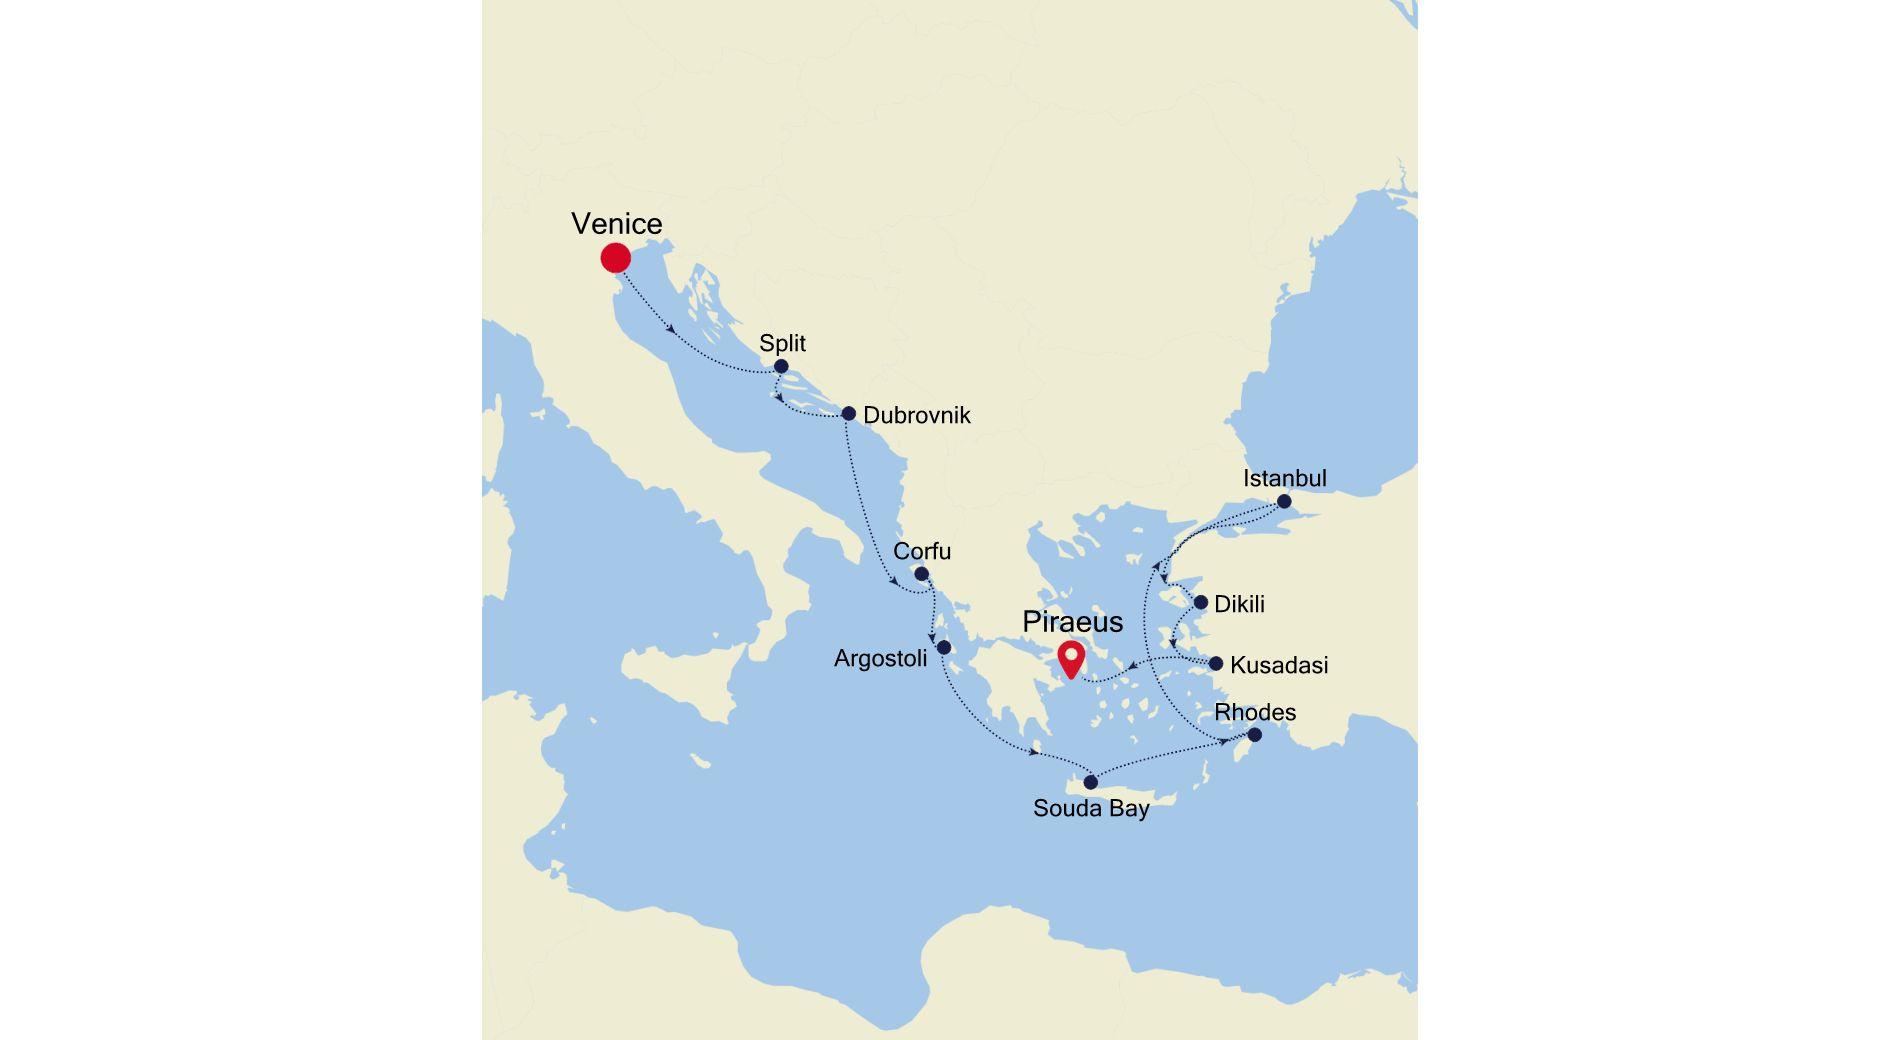 MO210422012 - Venice à Piraeus